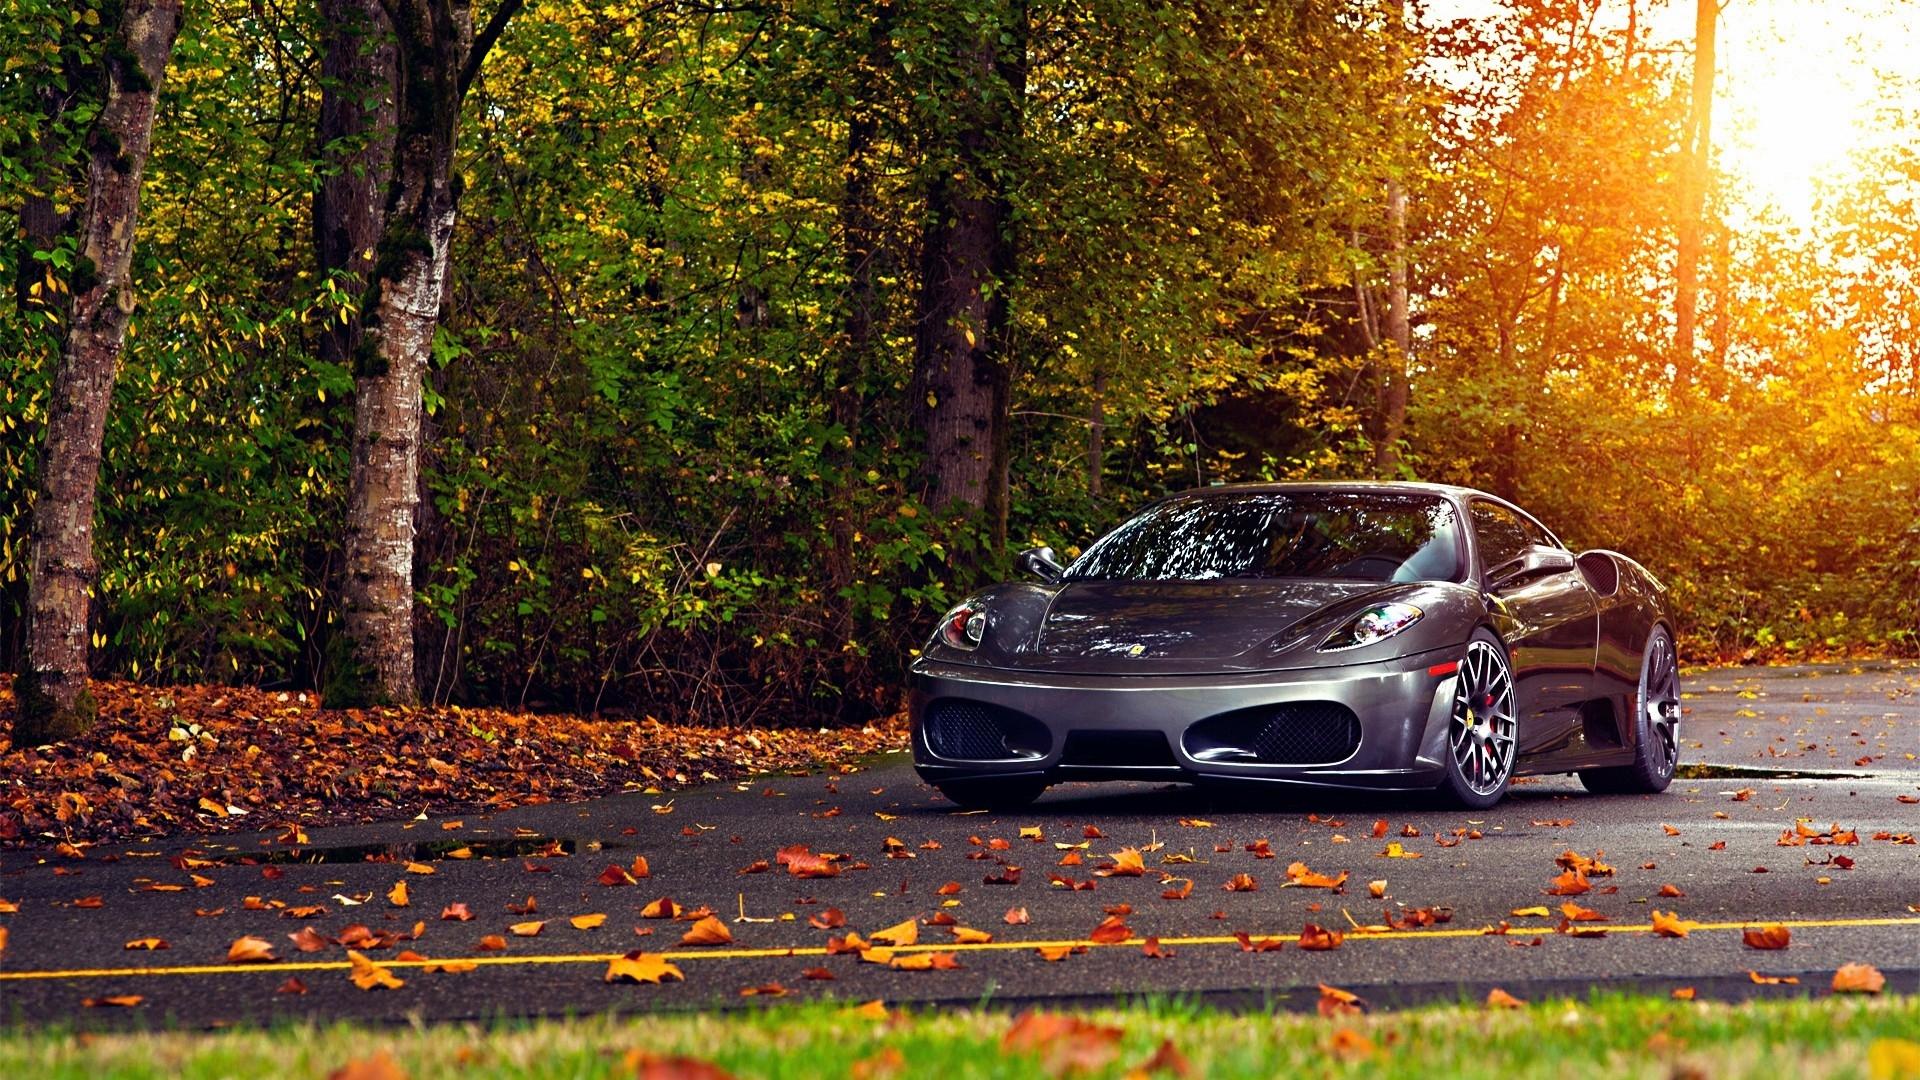 Ferrari F430 Autumn, HD Cartoons, 4k Wallpapers, Images